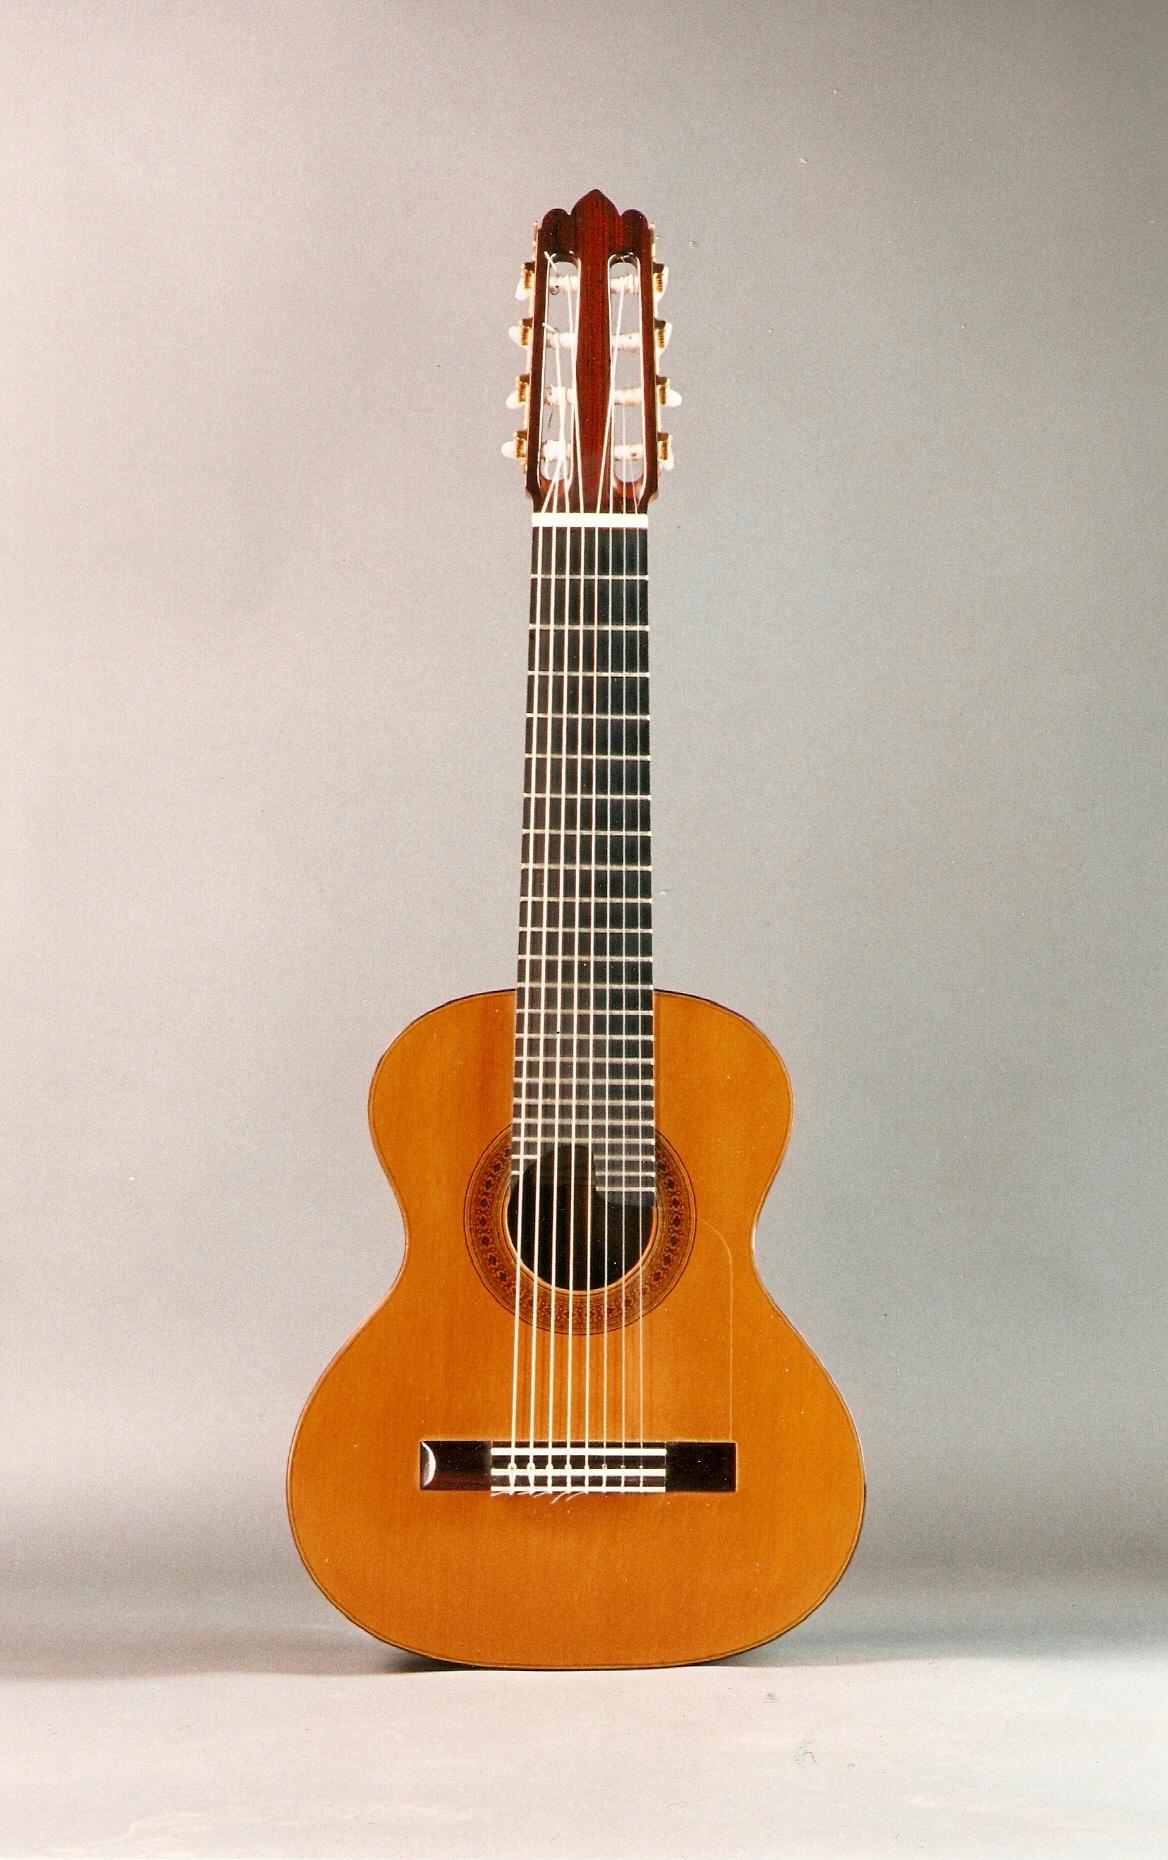 Requinto gitarı, Skala uzunluğu 555 mm., veya Sedir - Brezilya Gül ağacı. Rodolfo Cucculelli Luthierler